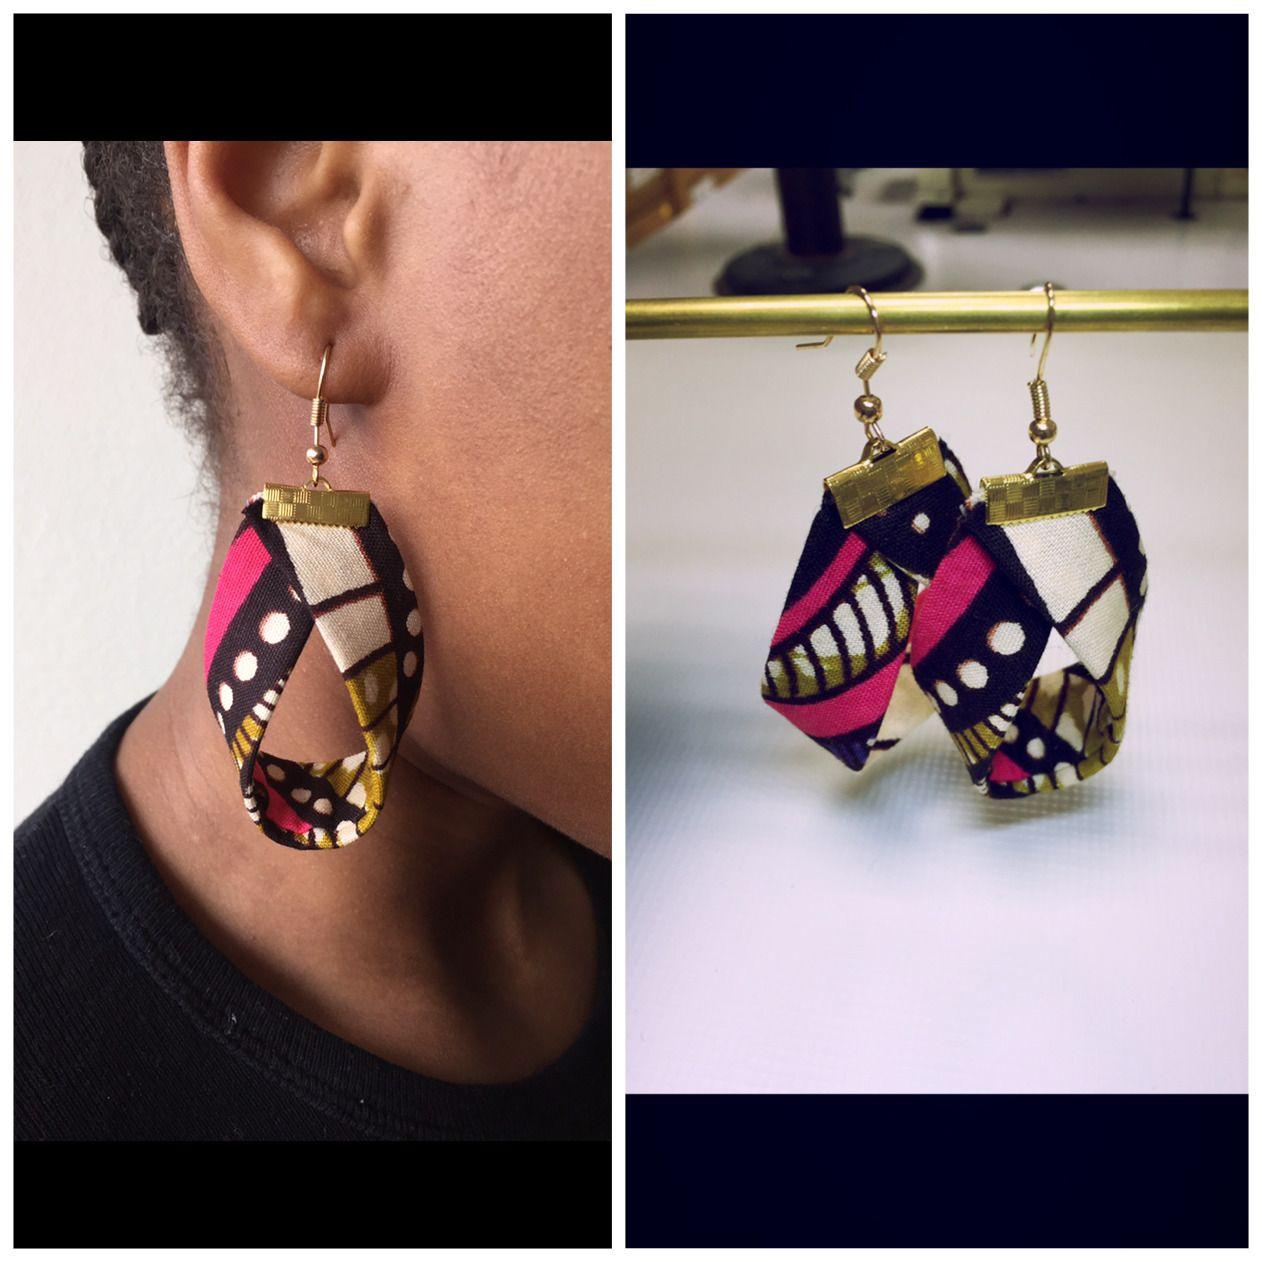 boucle d 39 oreille tissus boucleafrica bijoux pinterest oreilles boucles et accessoires. Black Bedroom Furniture Sets. Home Design Ideas